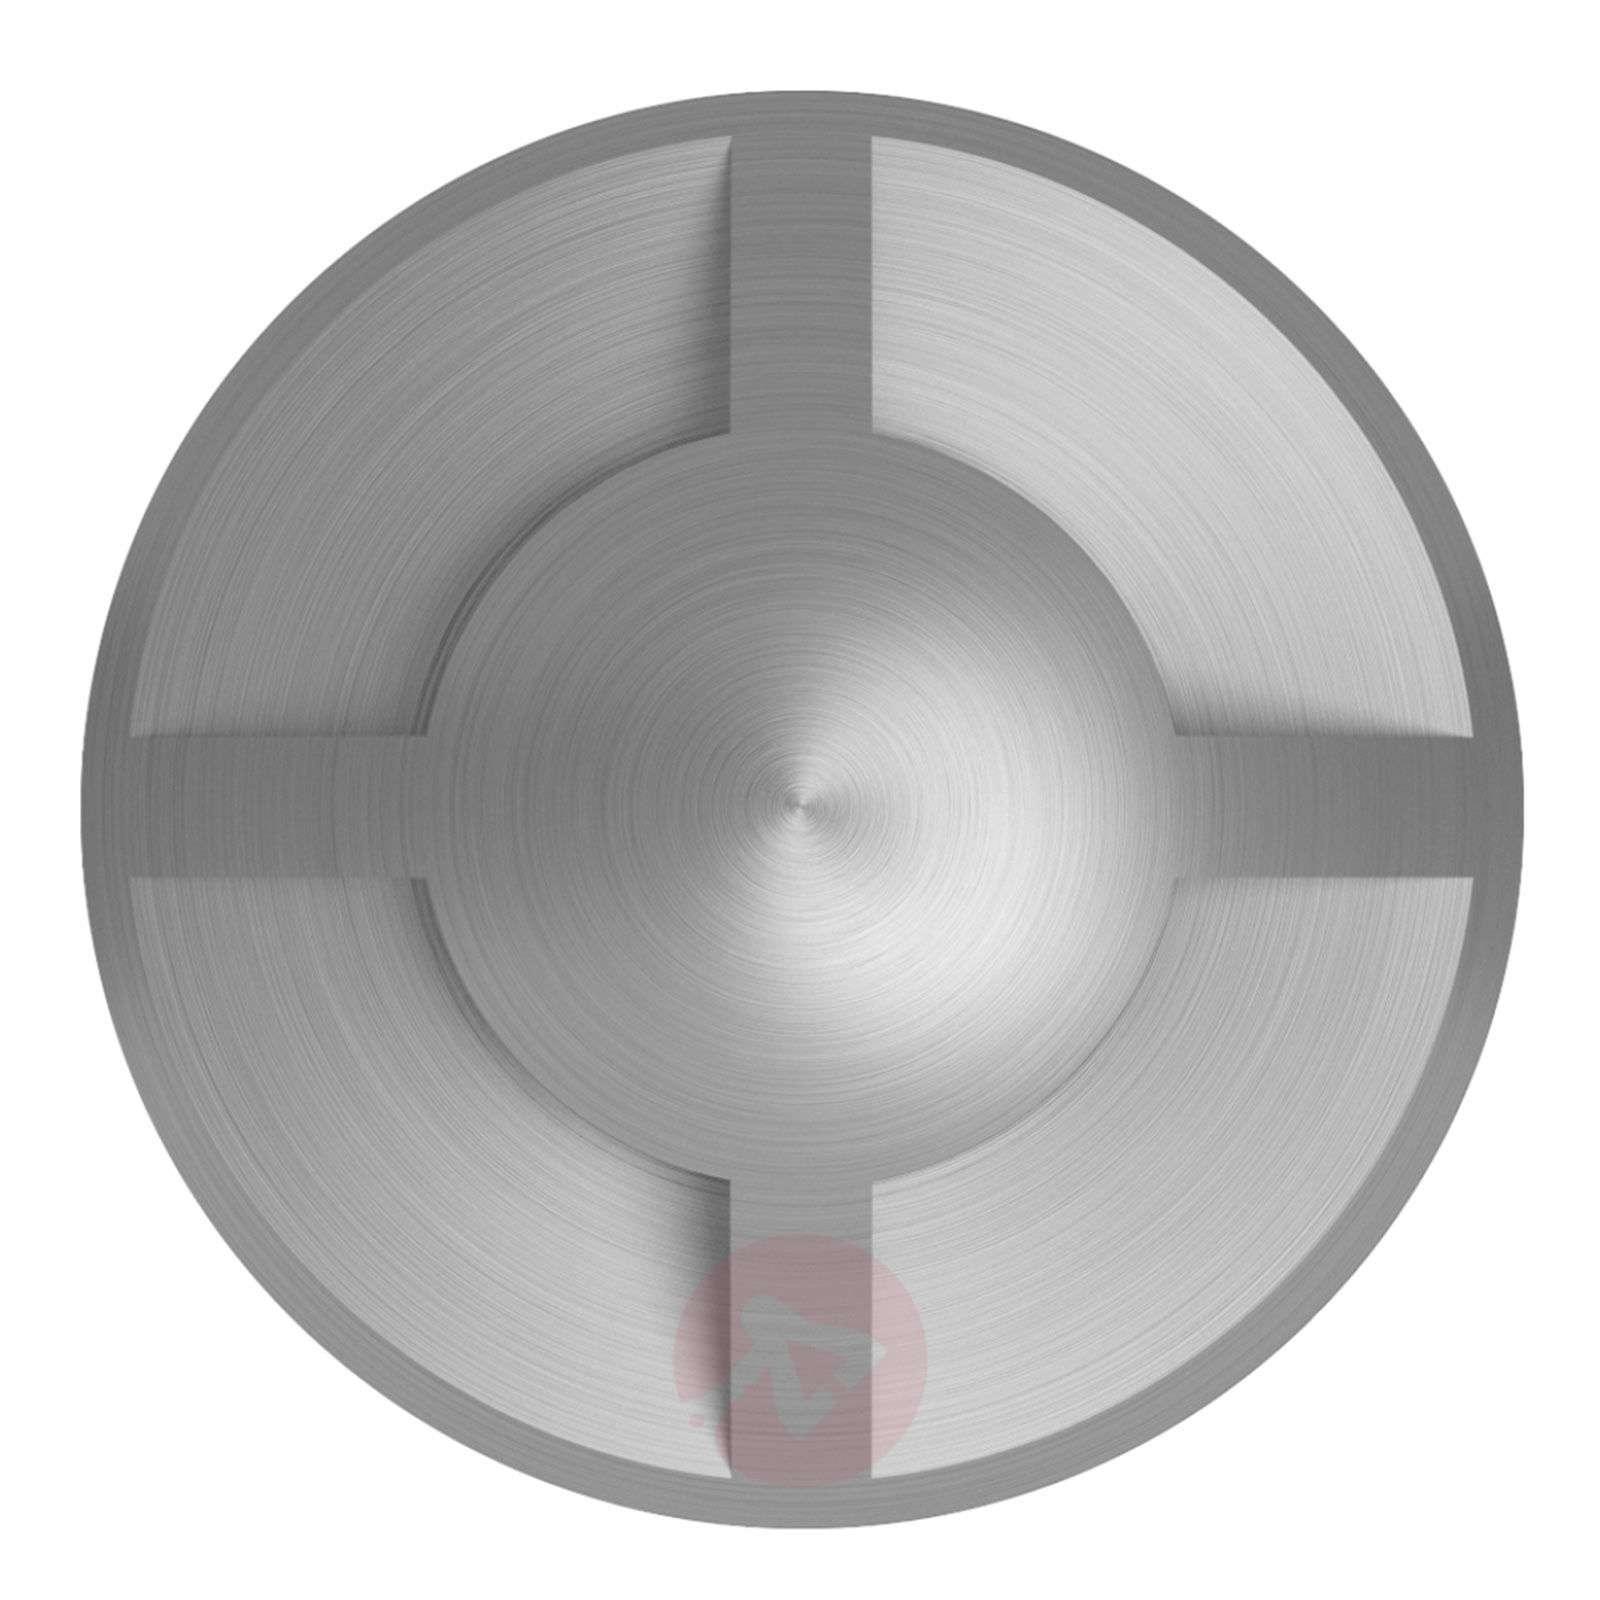 Upotettava maavalo Edwina alumiinista-9969150-02